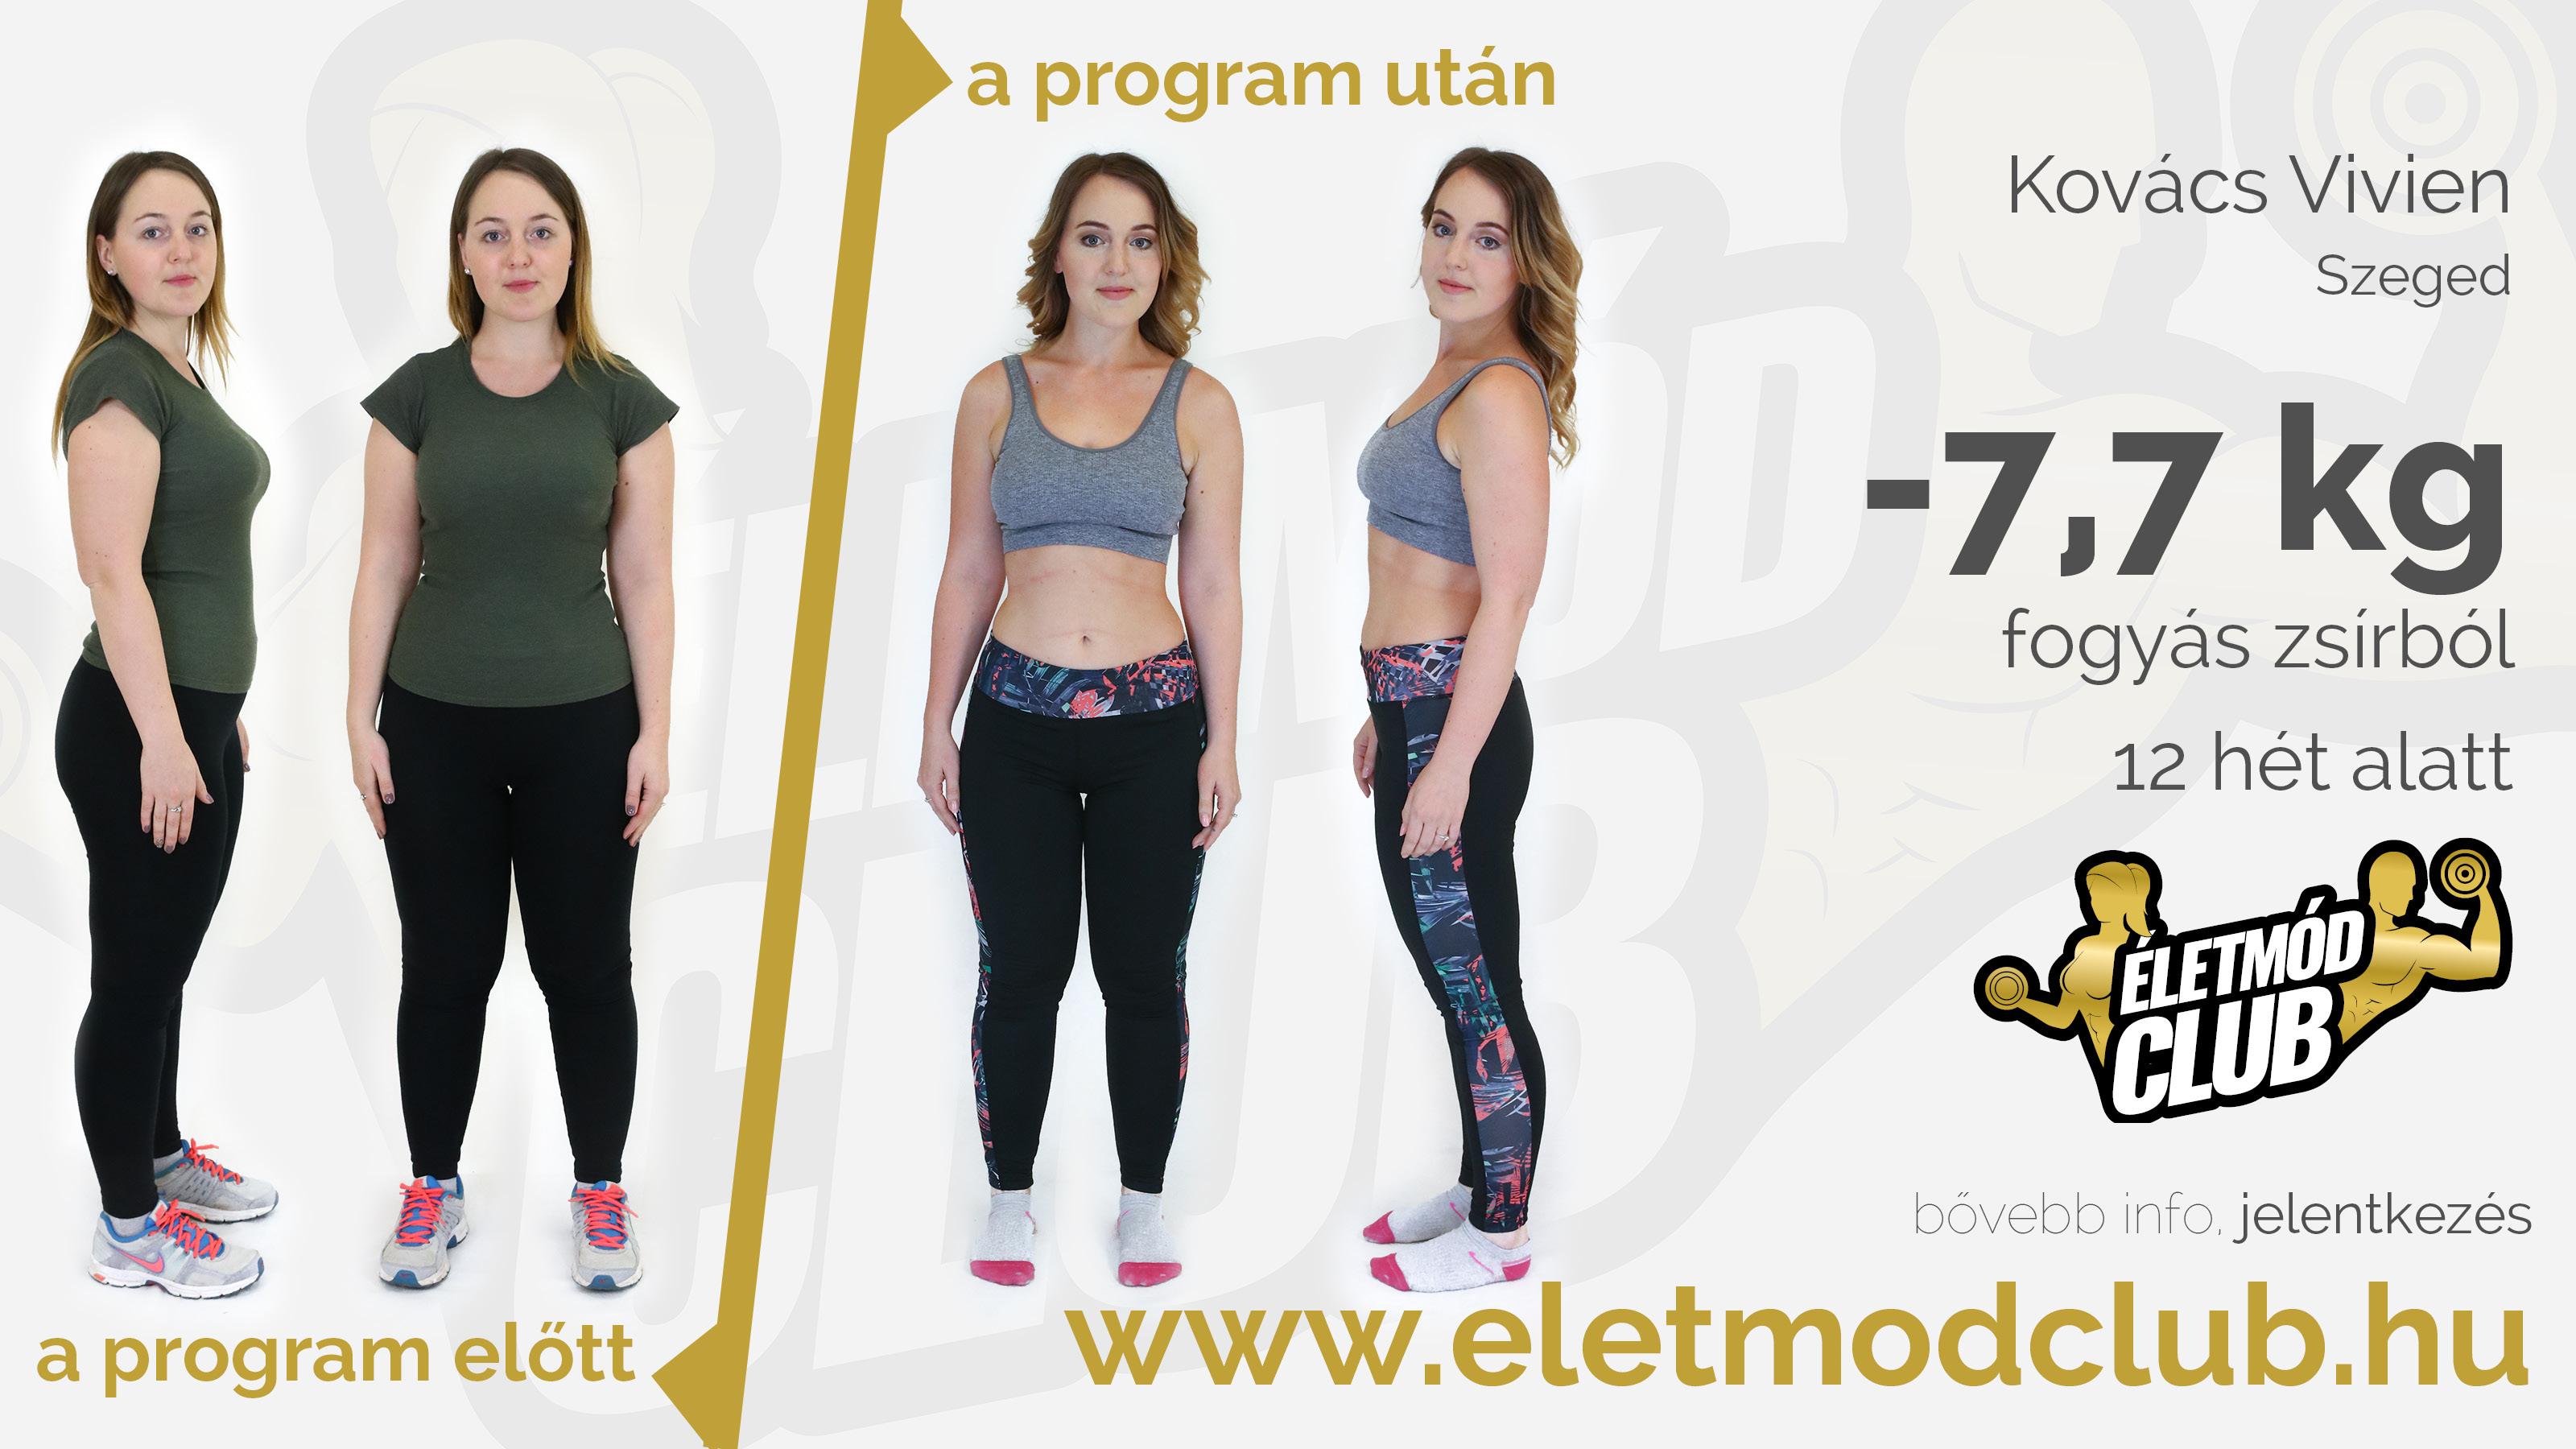 Vékony étrend: menü, vélemények és eredmények, fotók - Fogyás -